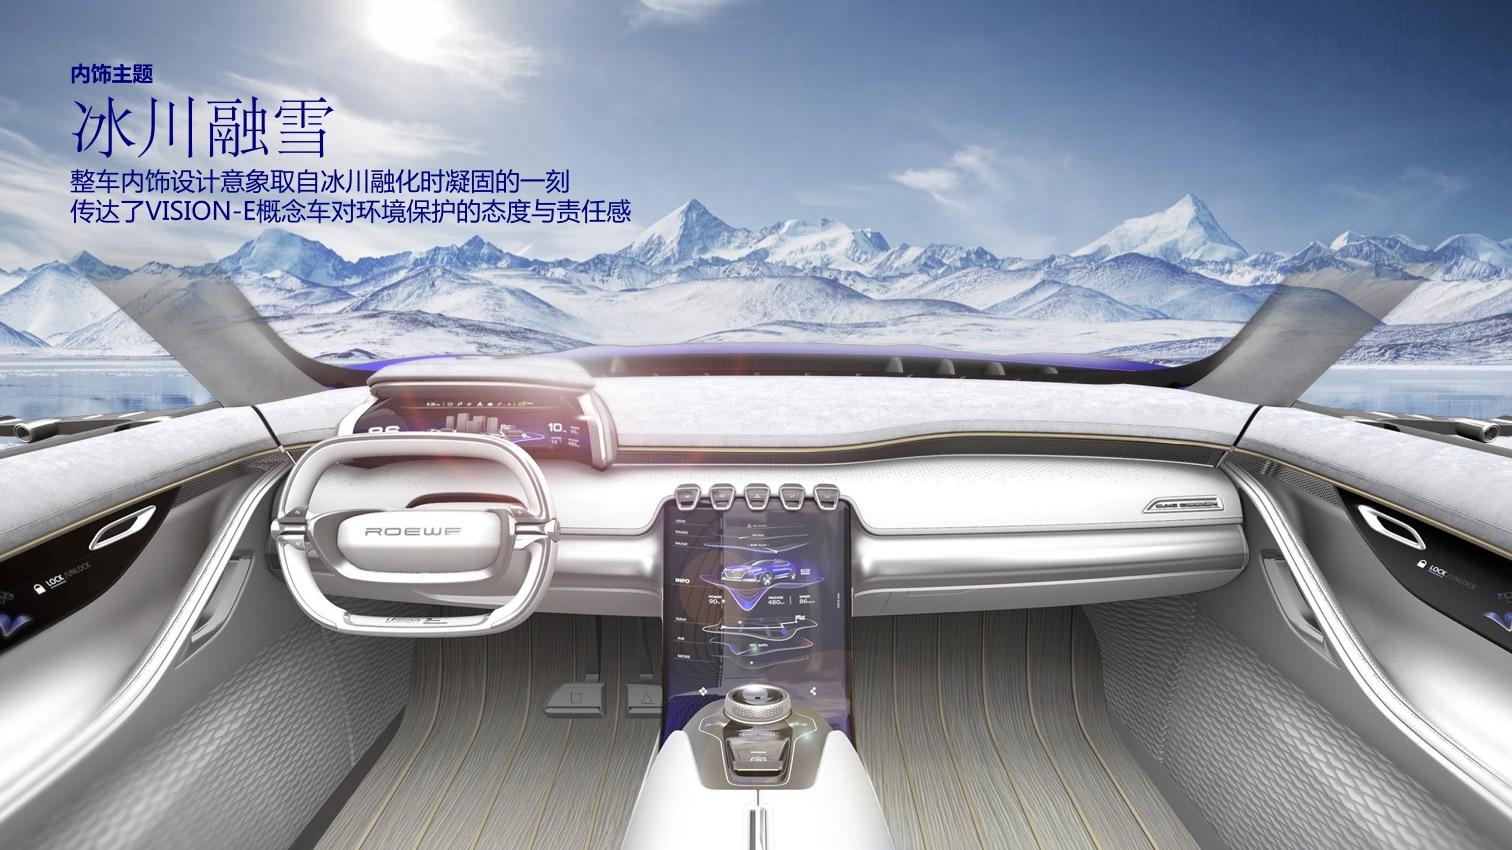 【讲解PDF】荣威光之翼Vision-E概念车设计理念2